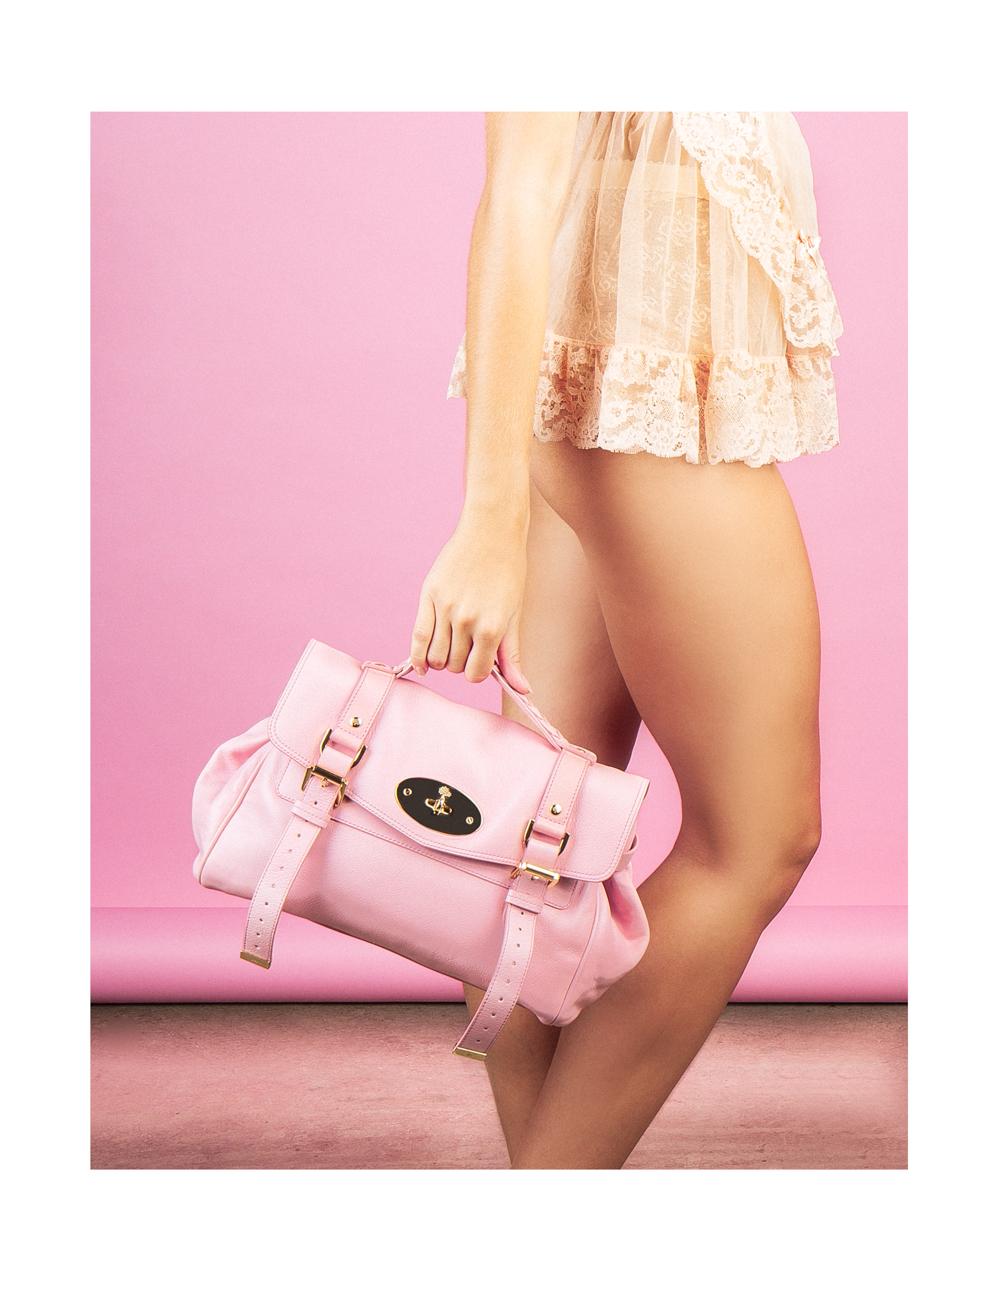 Jessica Portillo - Tahlia-7.jpg